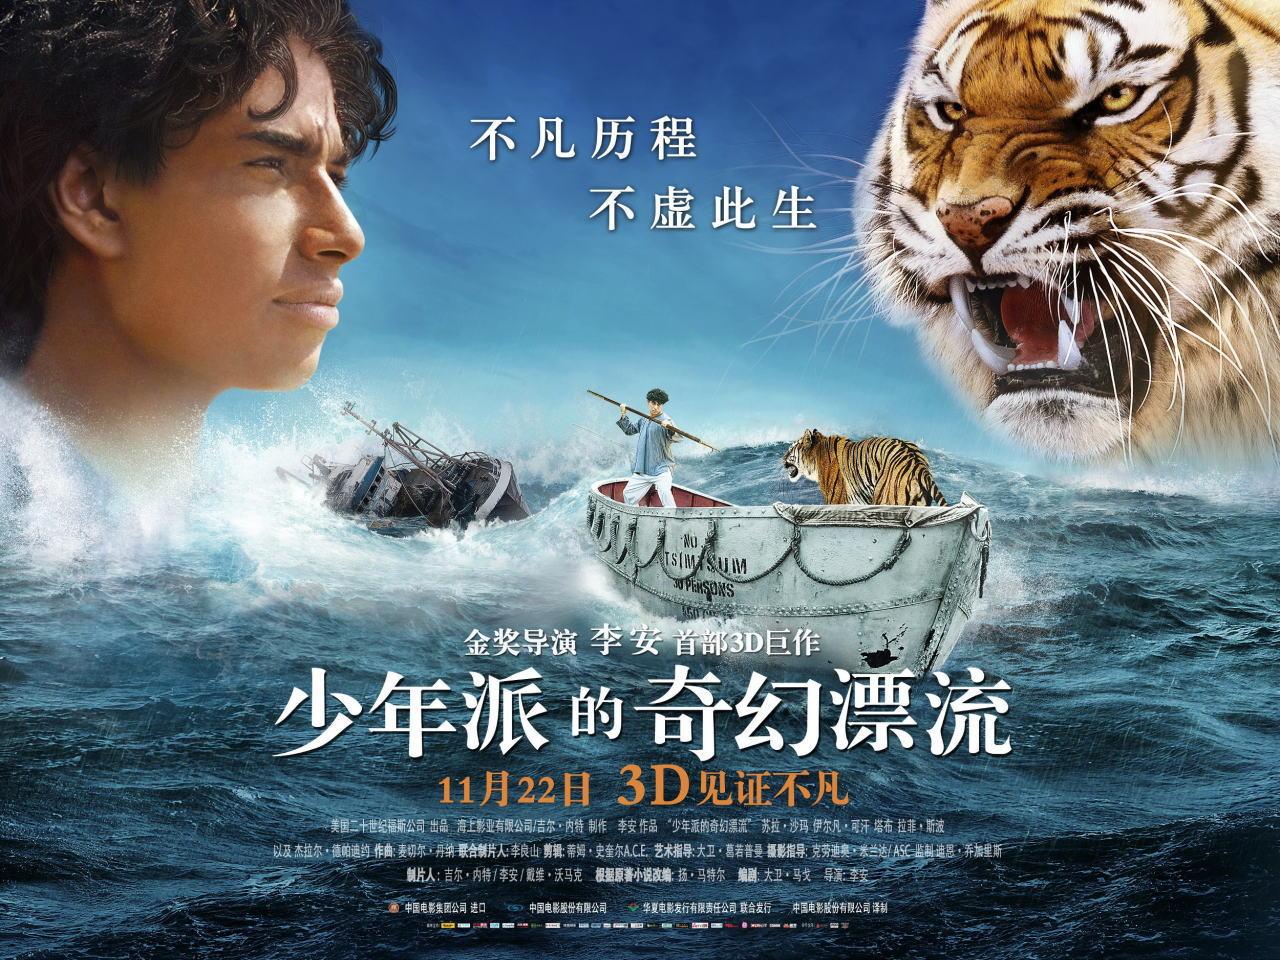 映画『ライフ・オブ・パイ/トラと漂流した227日 (2012) LIFE OF PI』ポスター(8)▼ポスター画像クリックで拡大します。